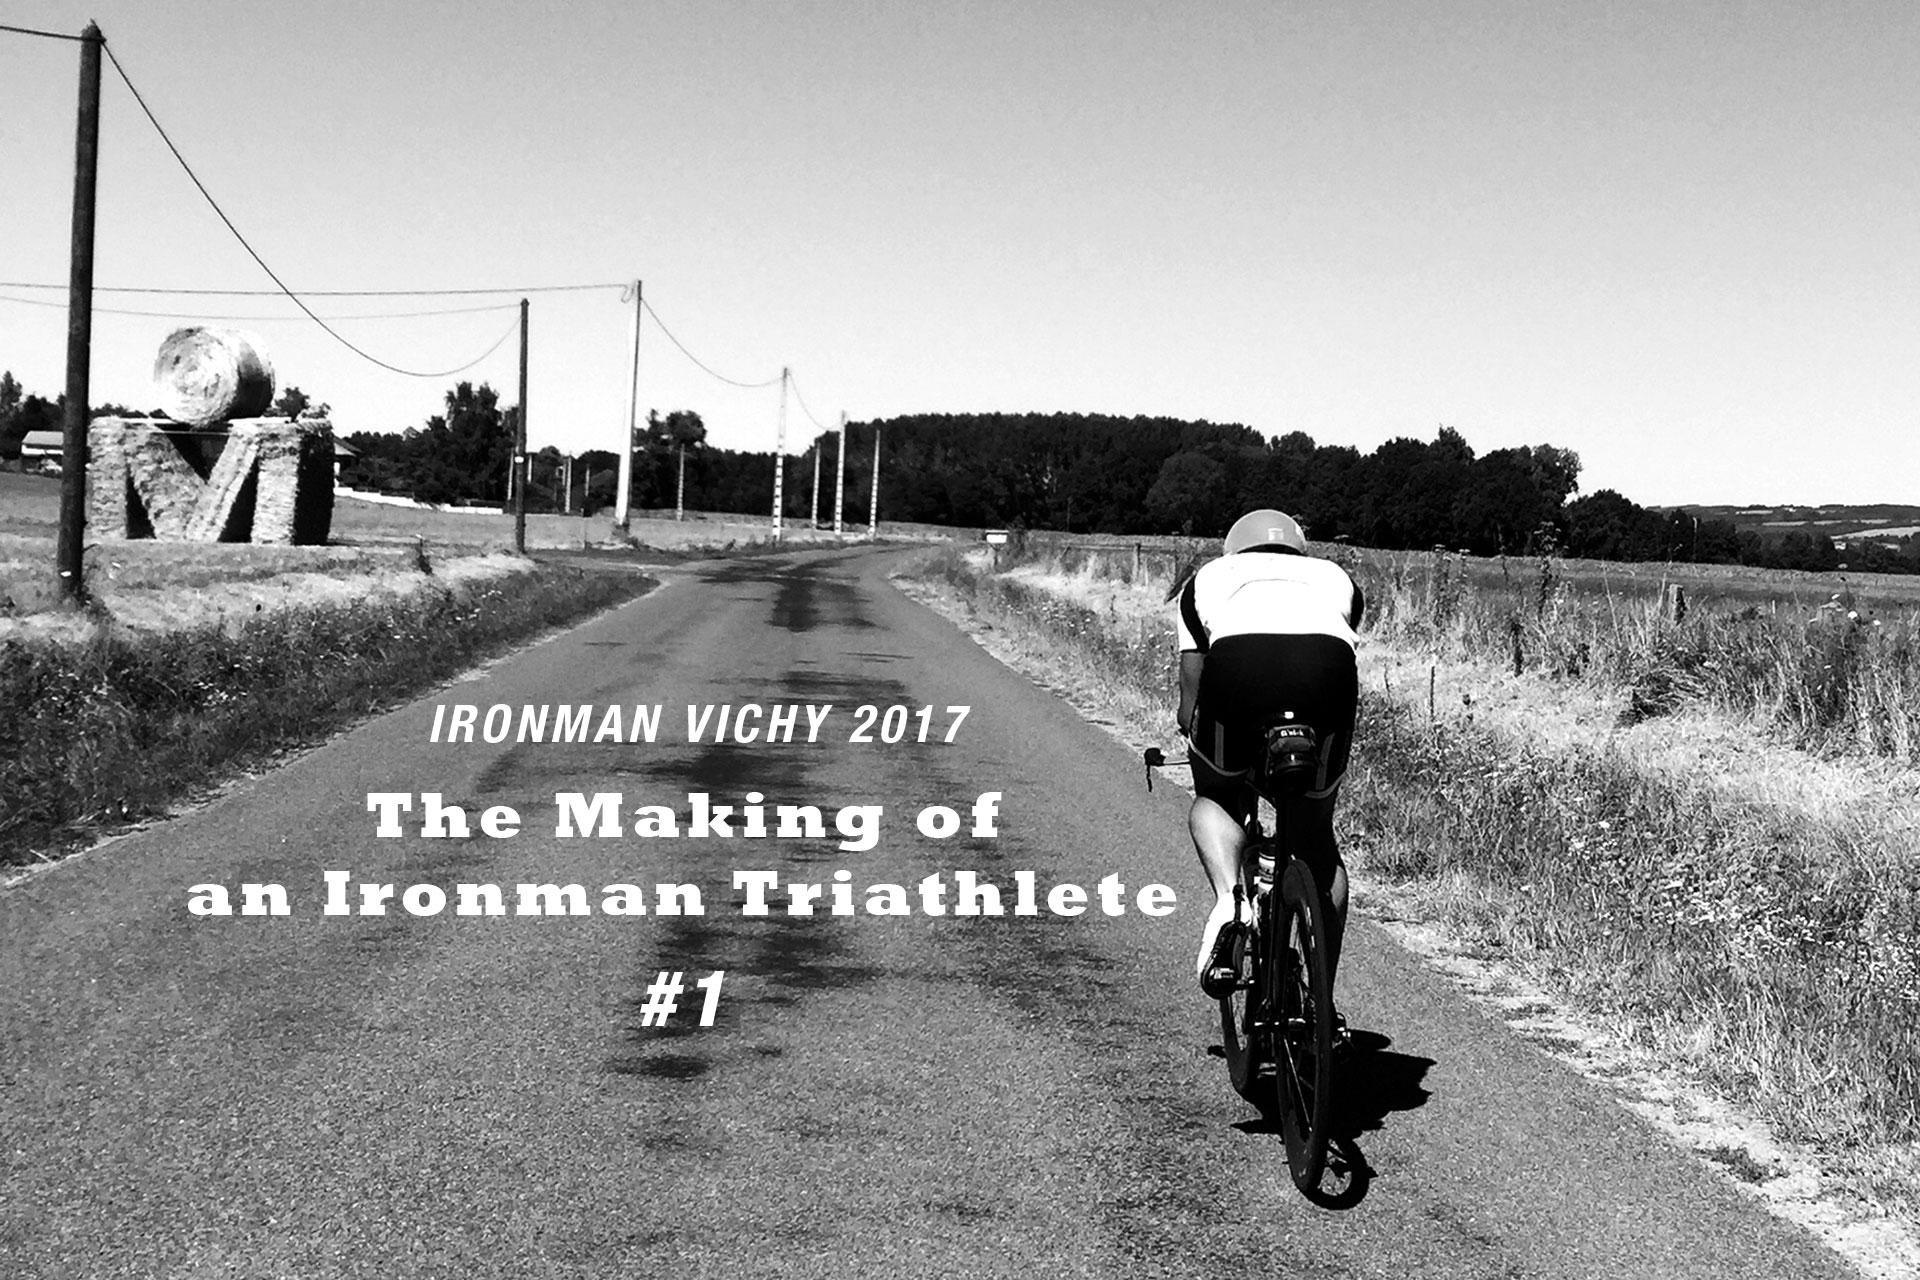 IRONMAN VICHY 2017 The Making of an Ironman Triathlete / Mit der richtigen Trainingsplanung bleibt das Ziel stets fokussiert und Erfolg kein Zufall © Simon Drexl